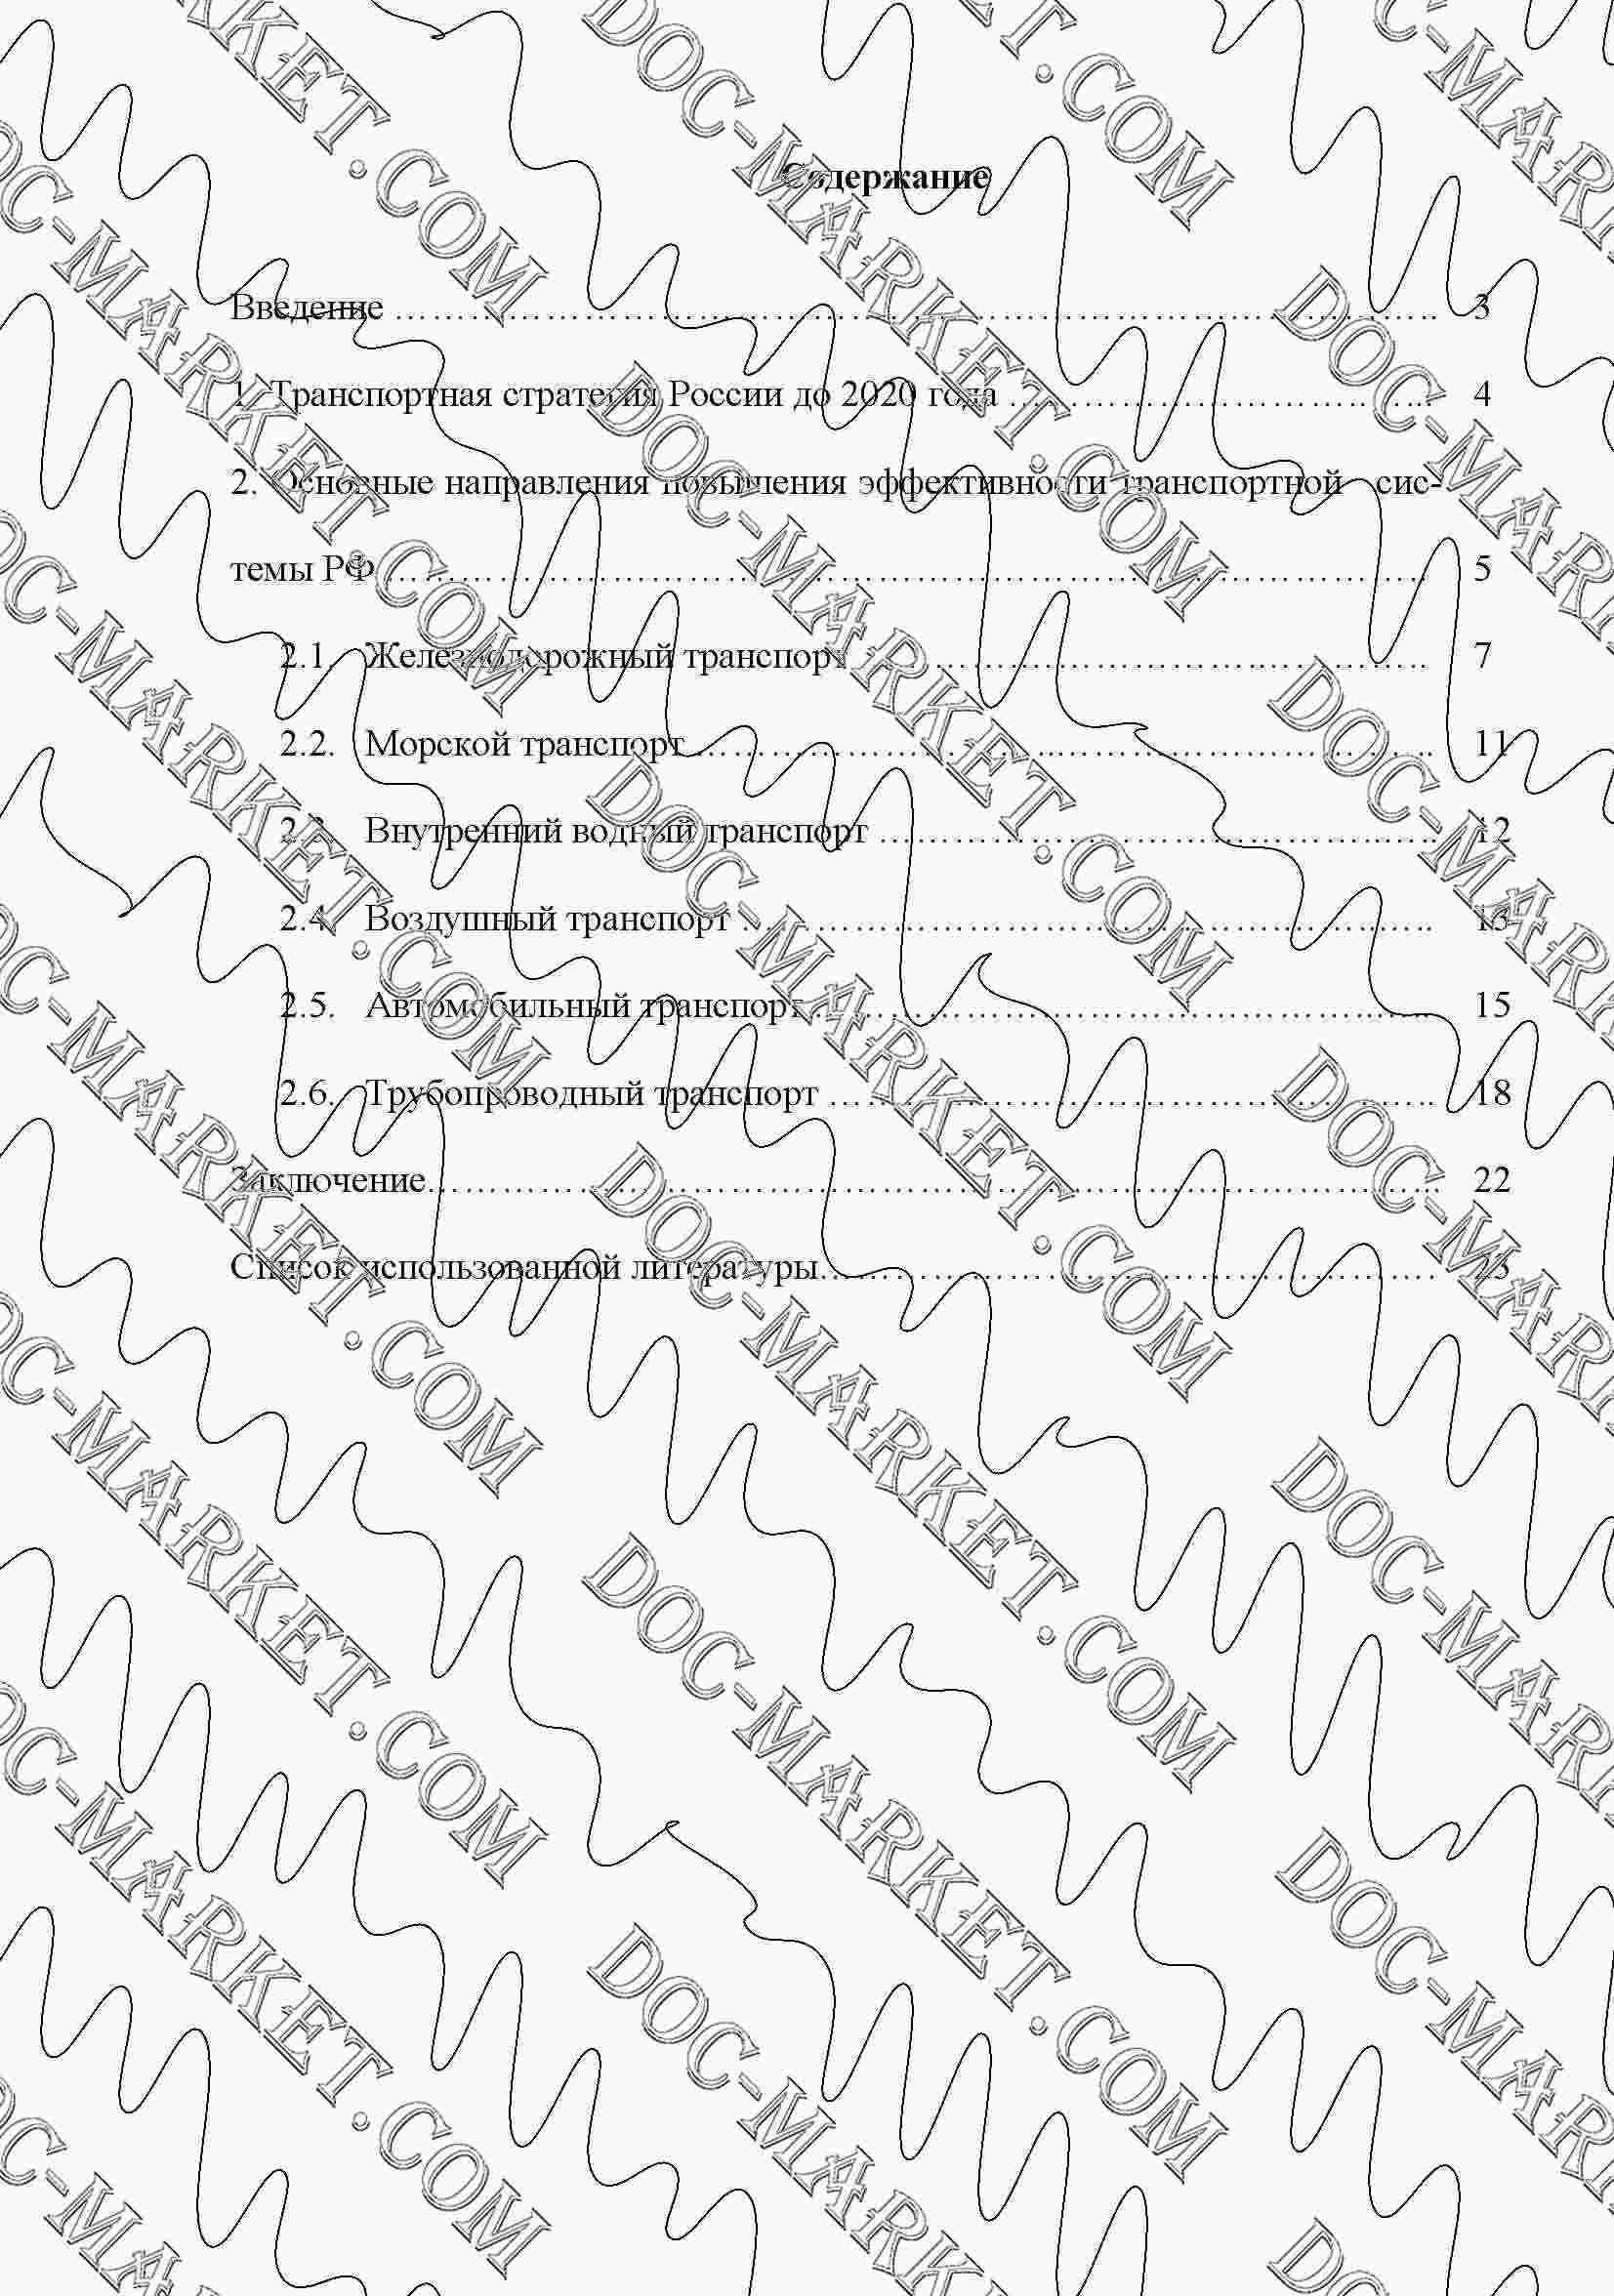 Учебник 2003 Года Троицкая, Чубуков, Единая Транспортная Система!